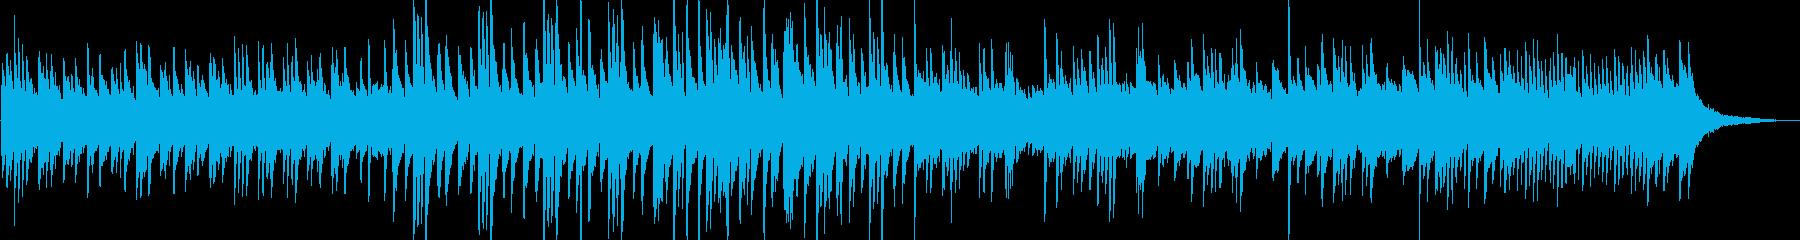 幻想的なピアノ曲ですの再生済みの波形